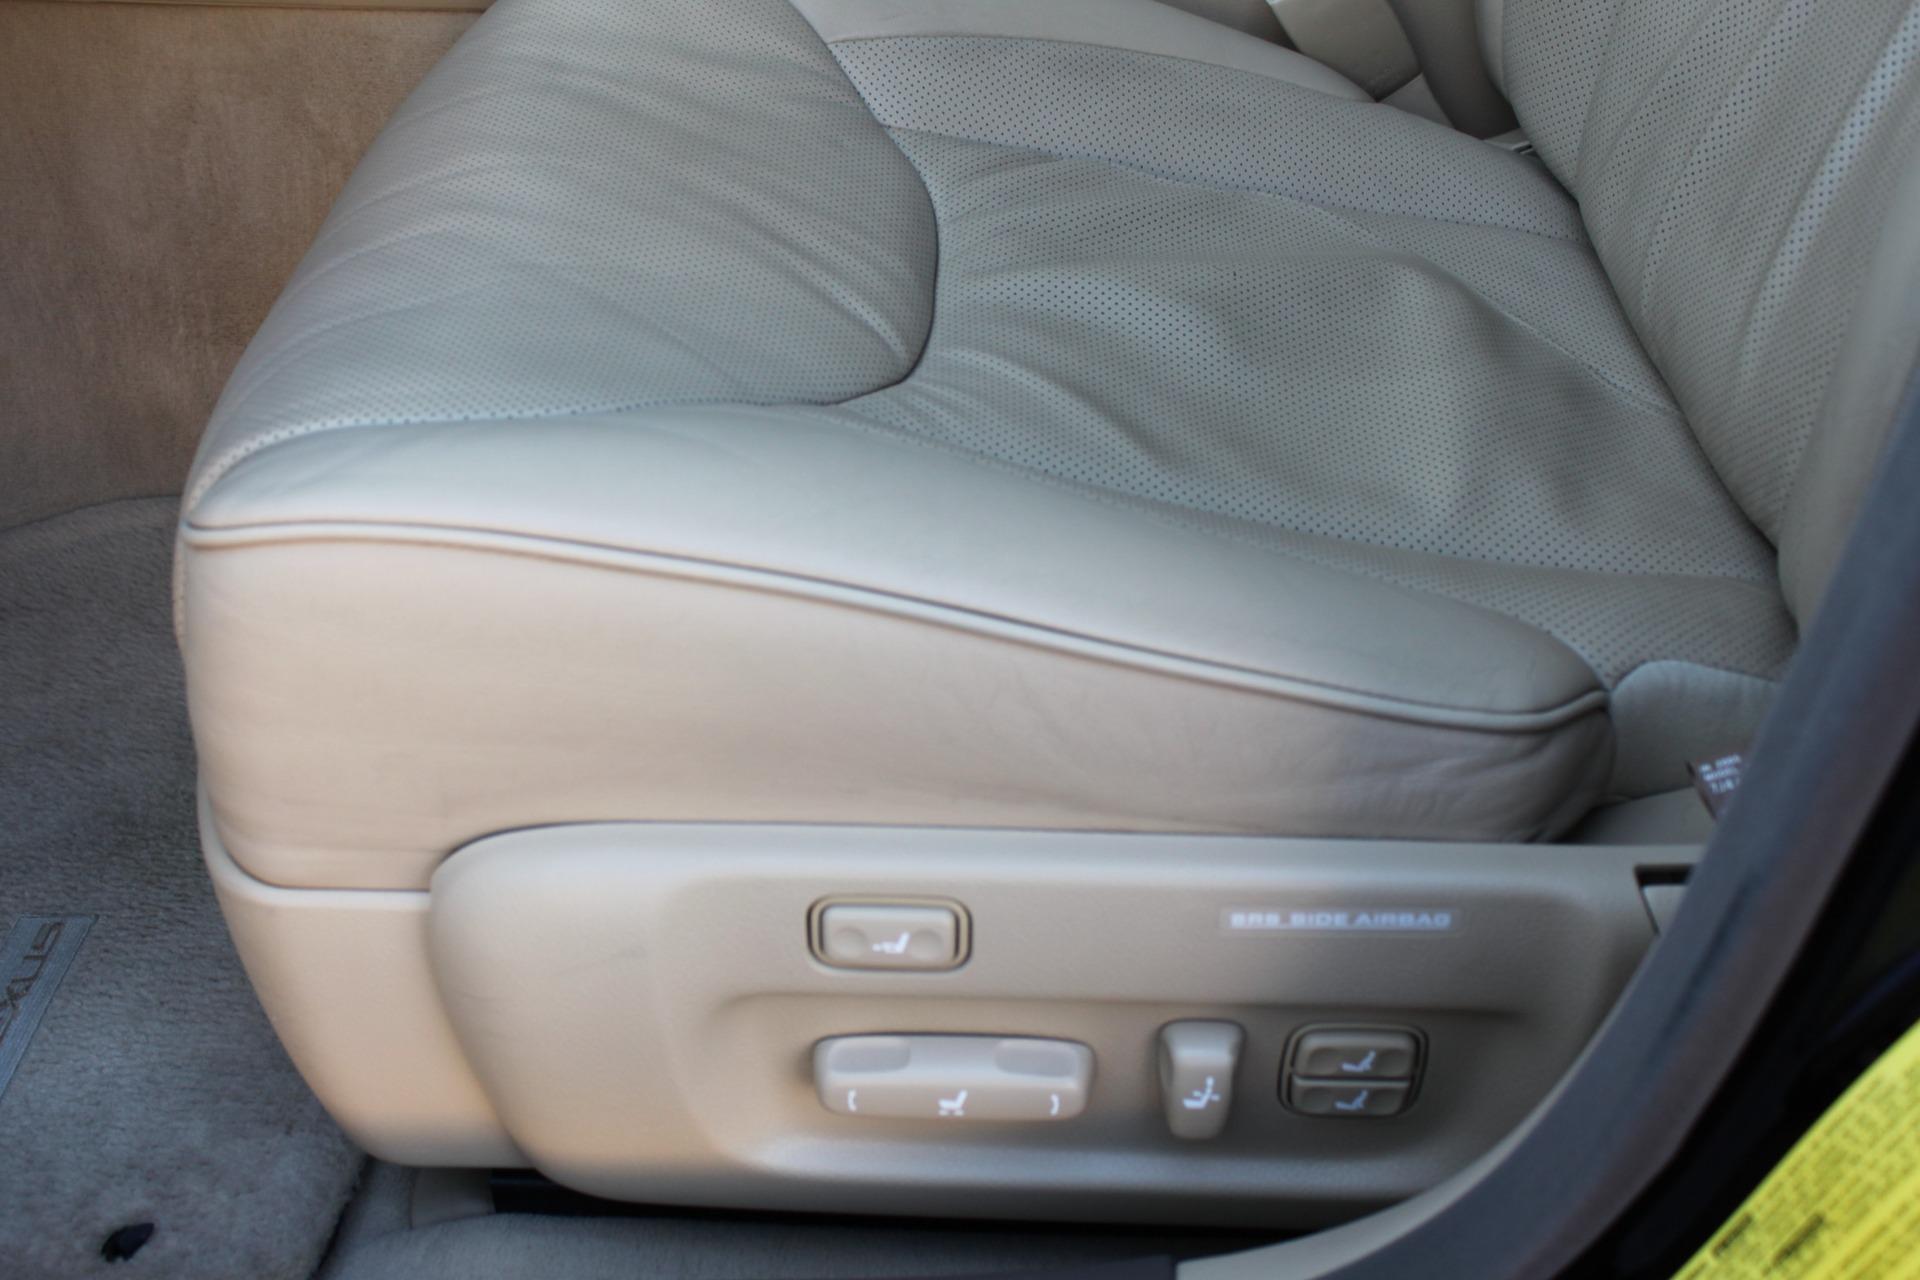 Used-2005-Lexus-LS-430-XJ